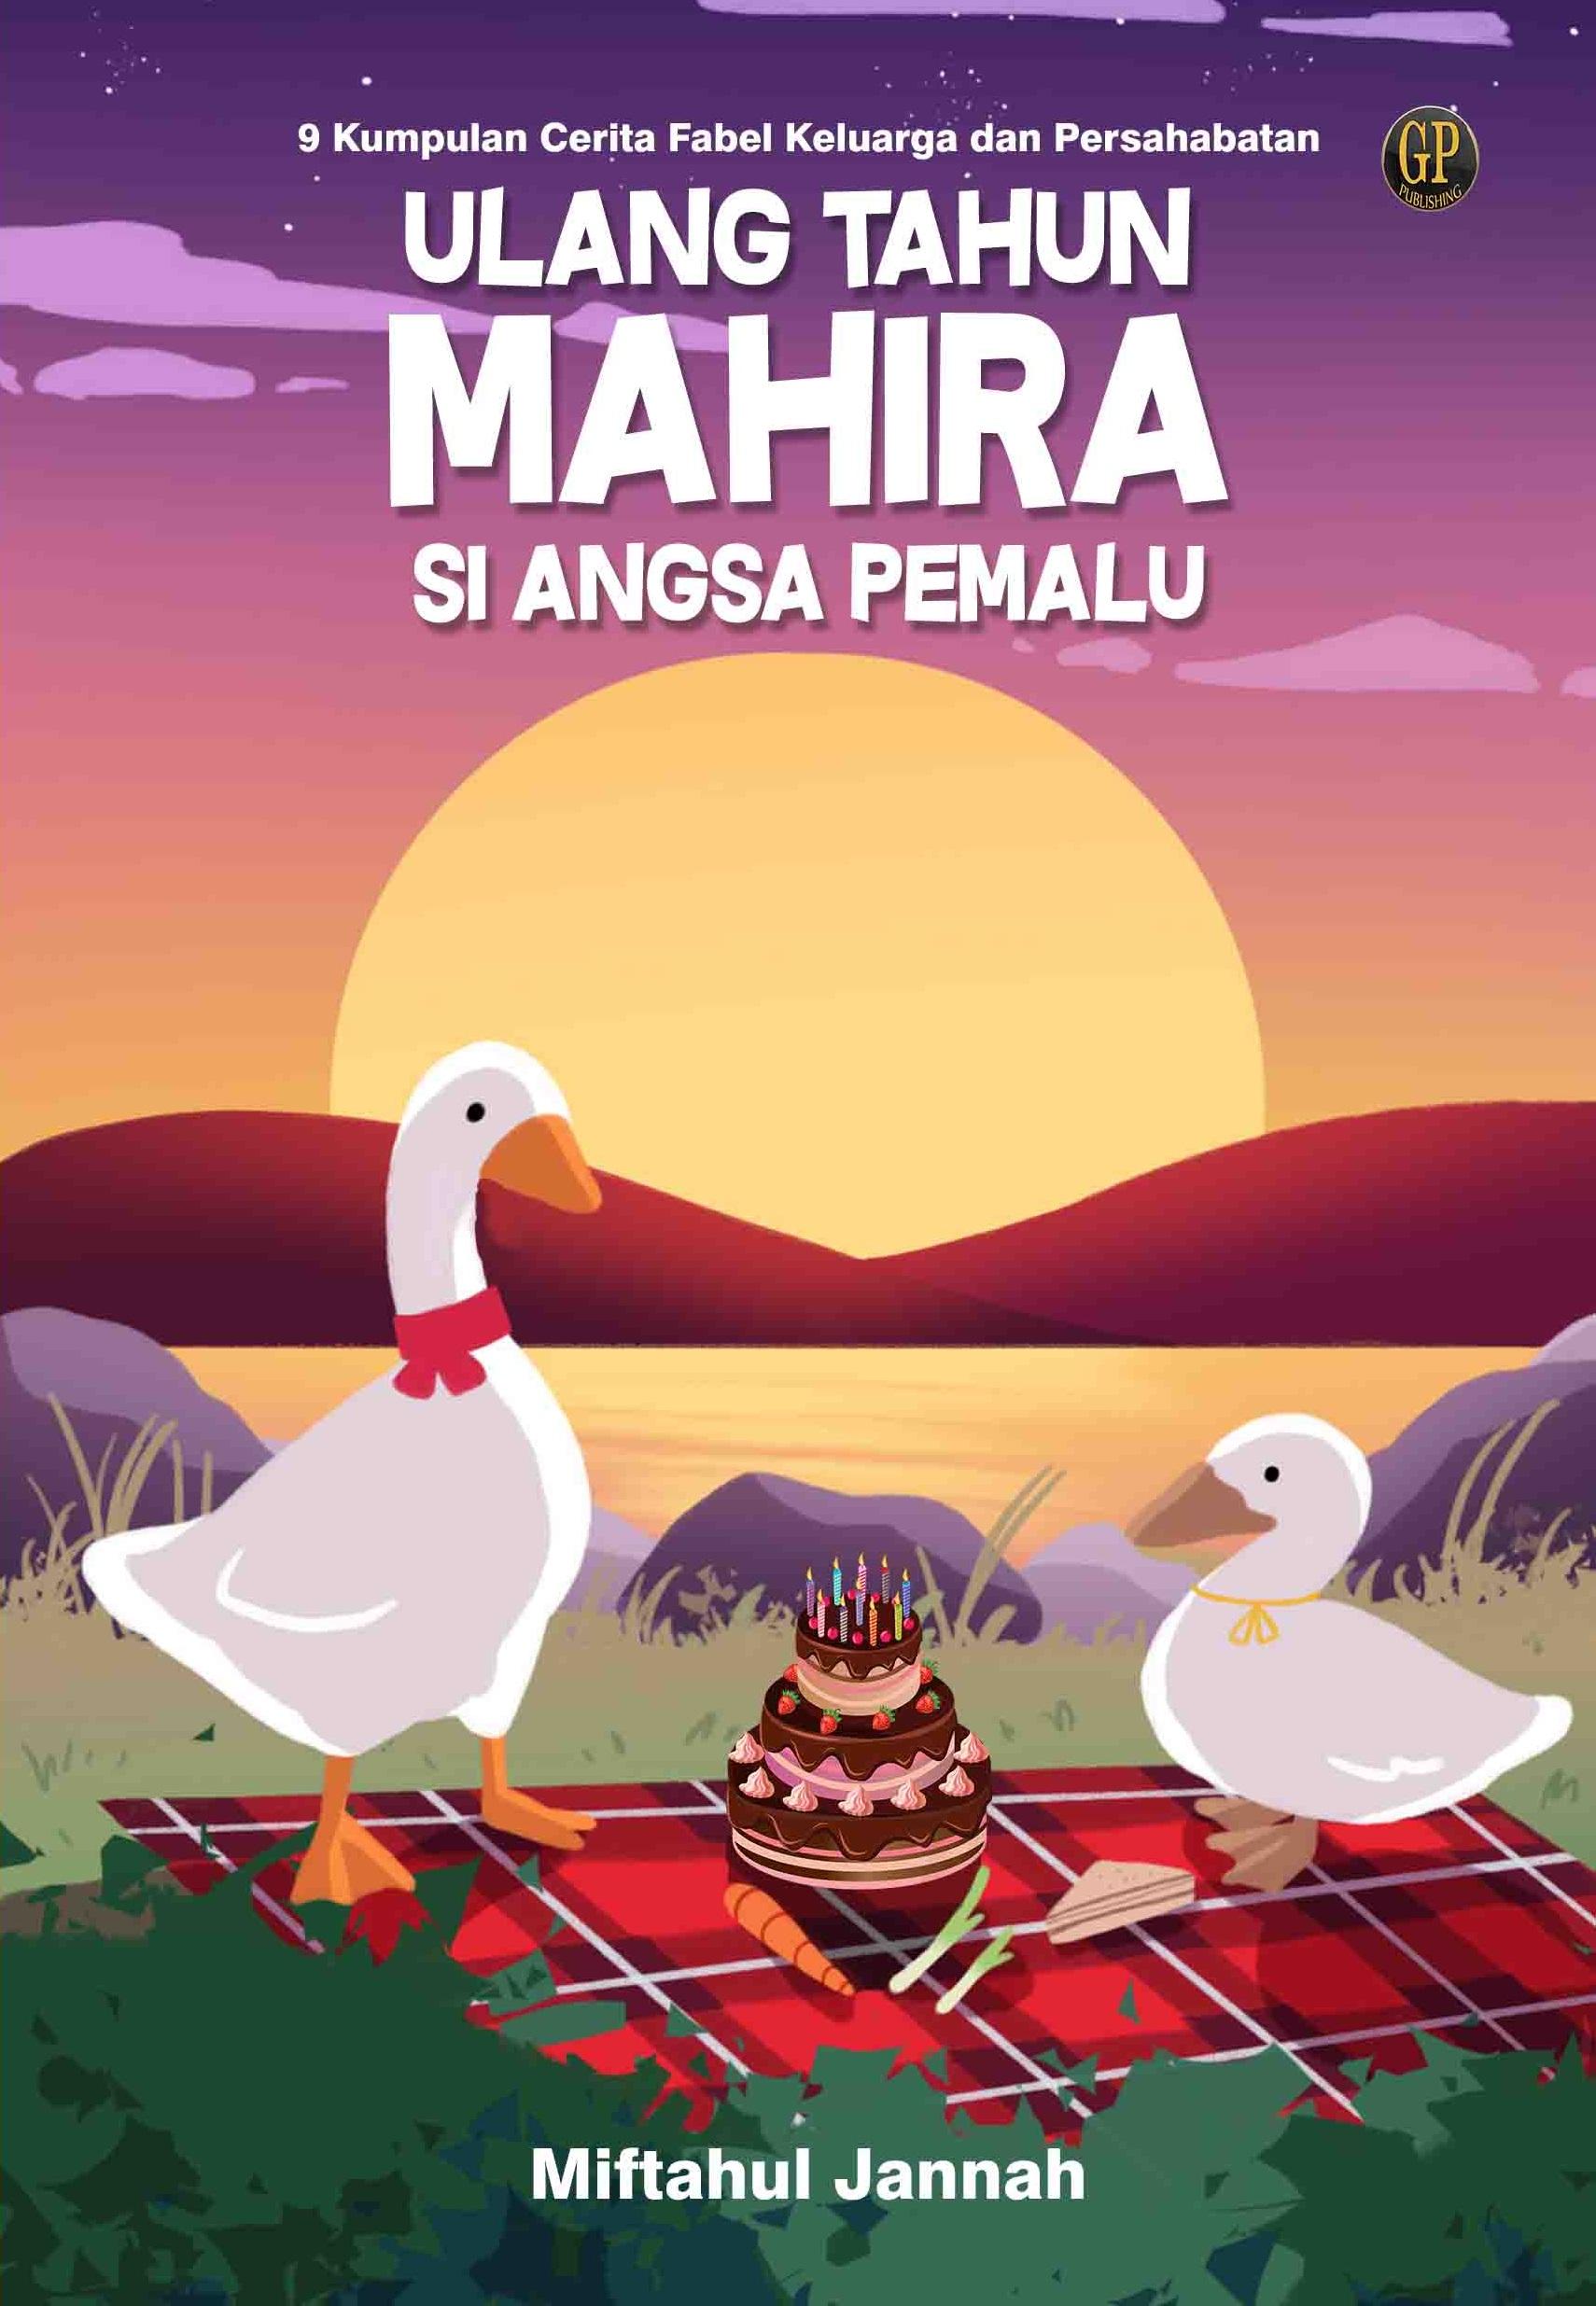 Ulang tahun Mahira si angsa pemalu [sumber elektronis] : 9 kumpulan cerita fabel keluarga dan persahabatan